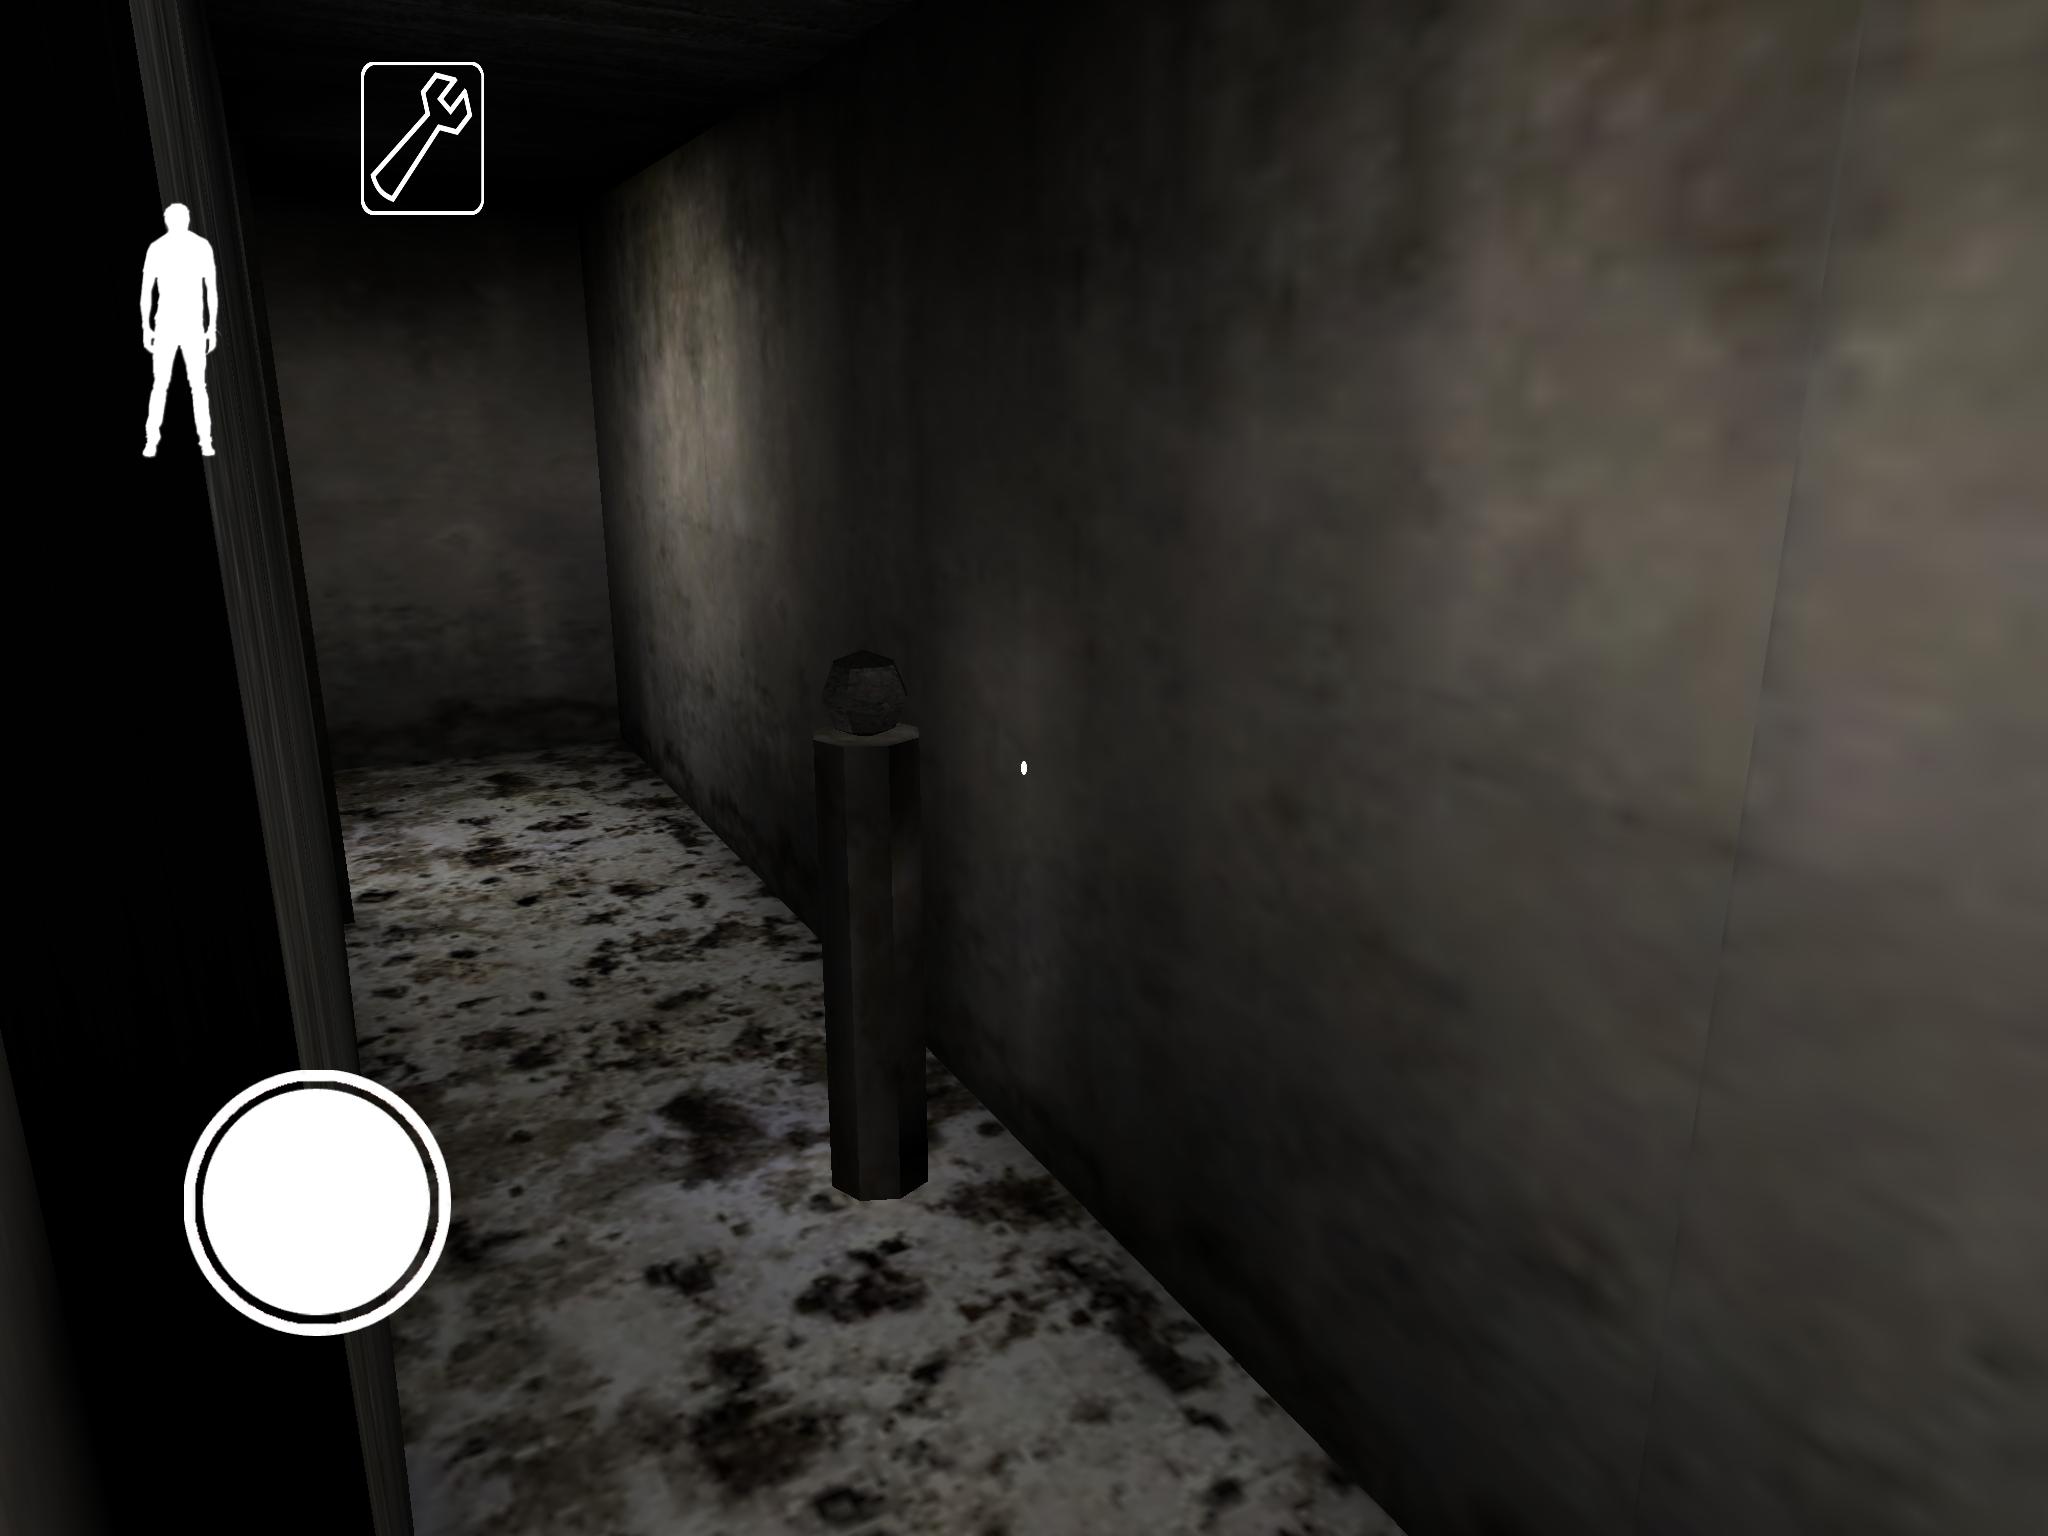 [Speculation] Hidden Room Beyond Basement?